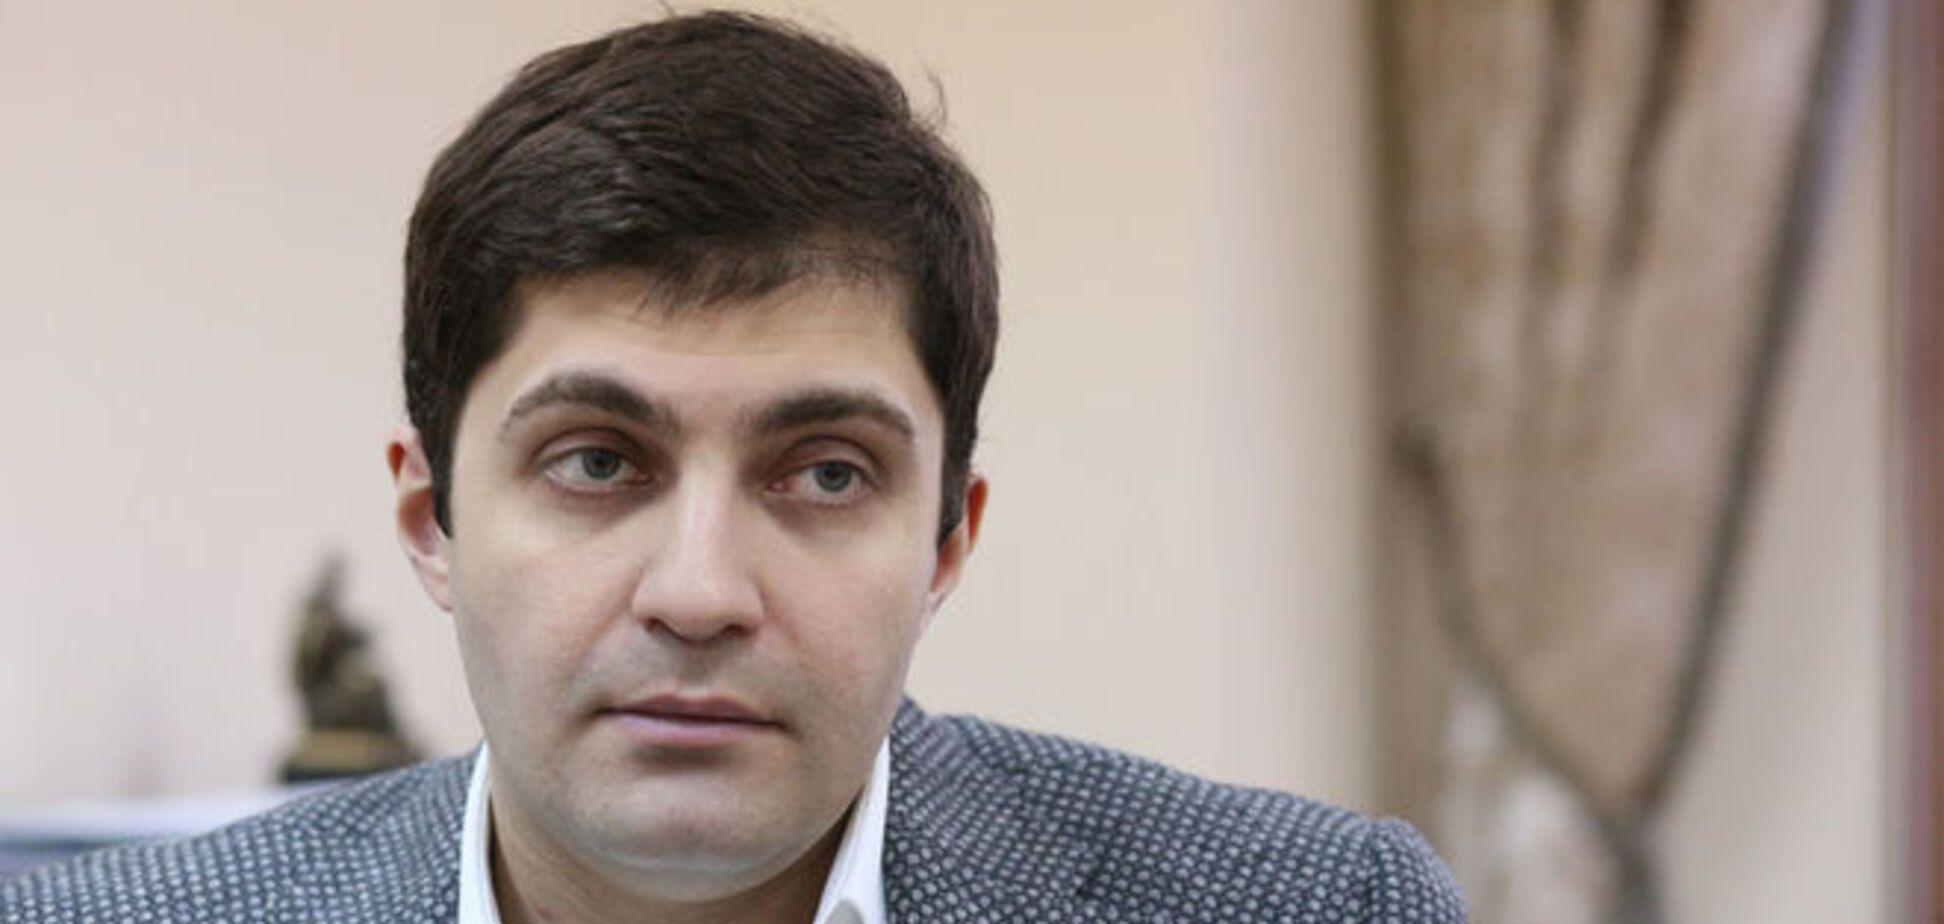 Українкам на замітку: Сакварелізде виявився холостяком